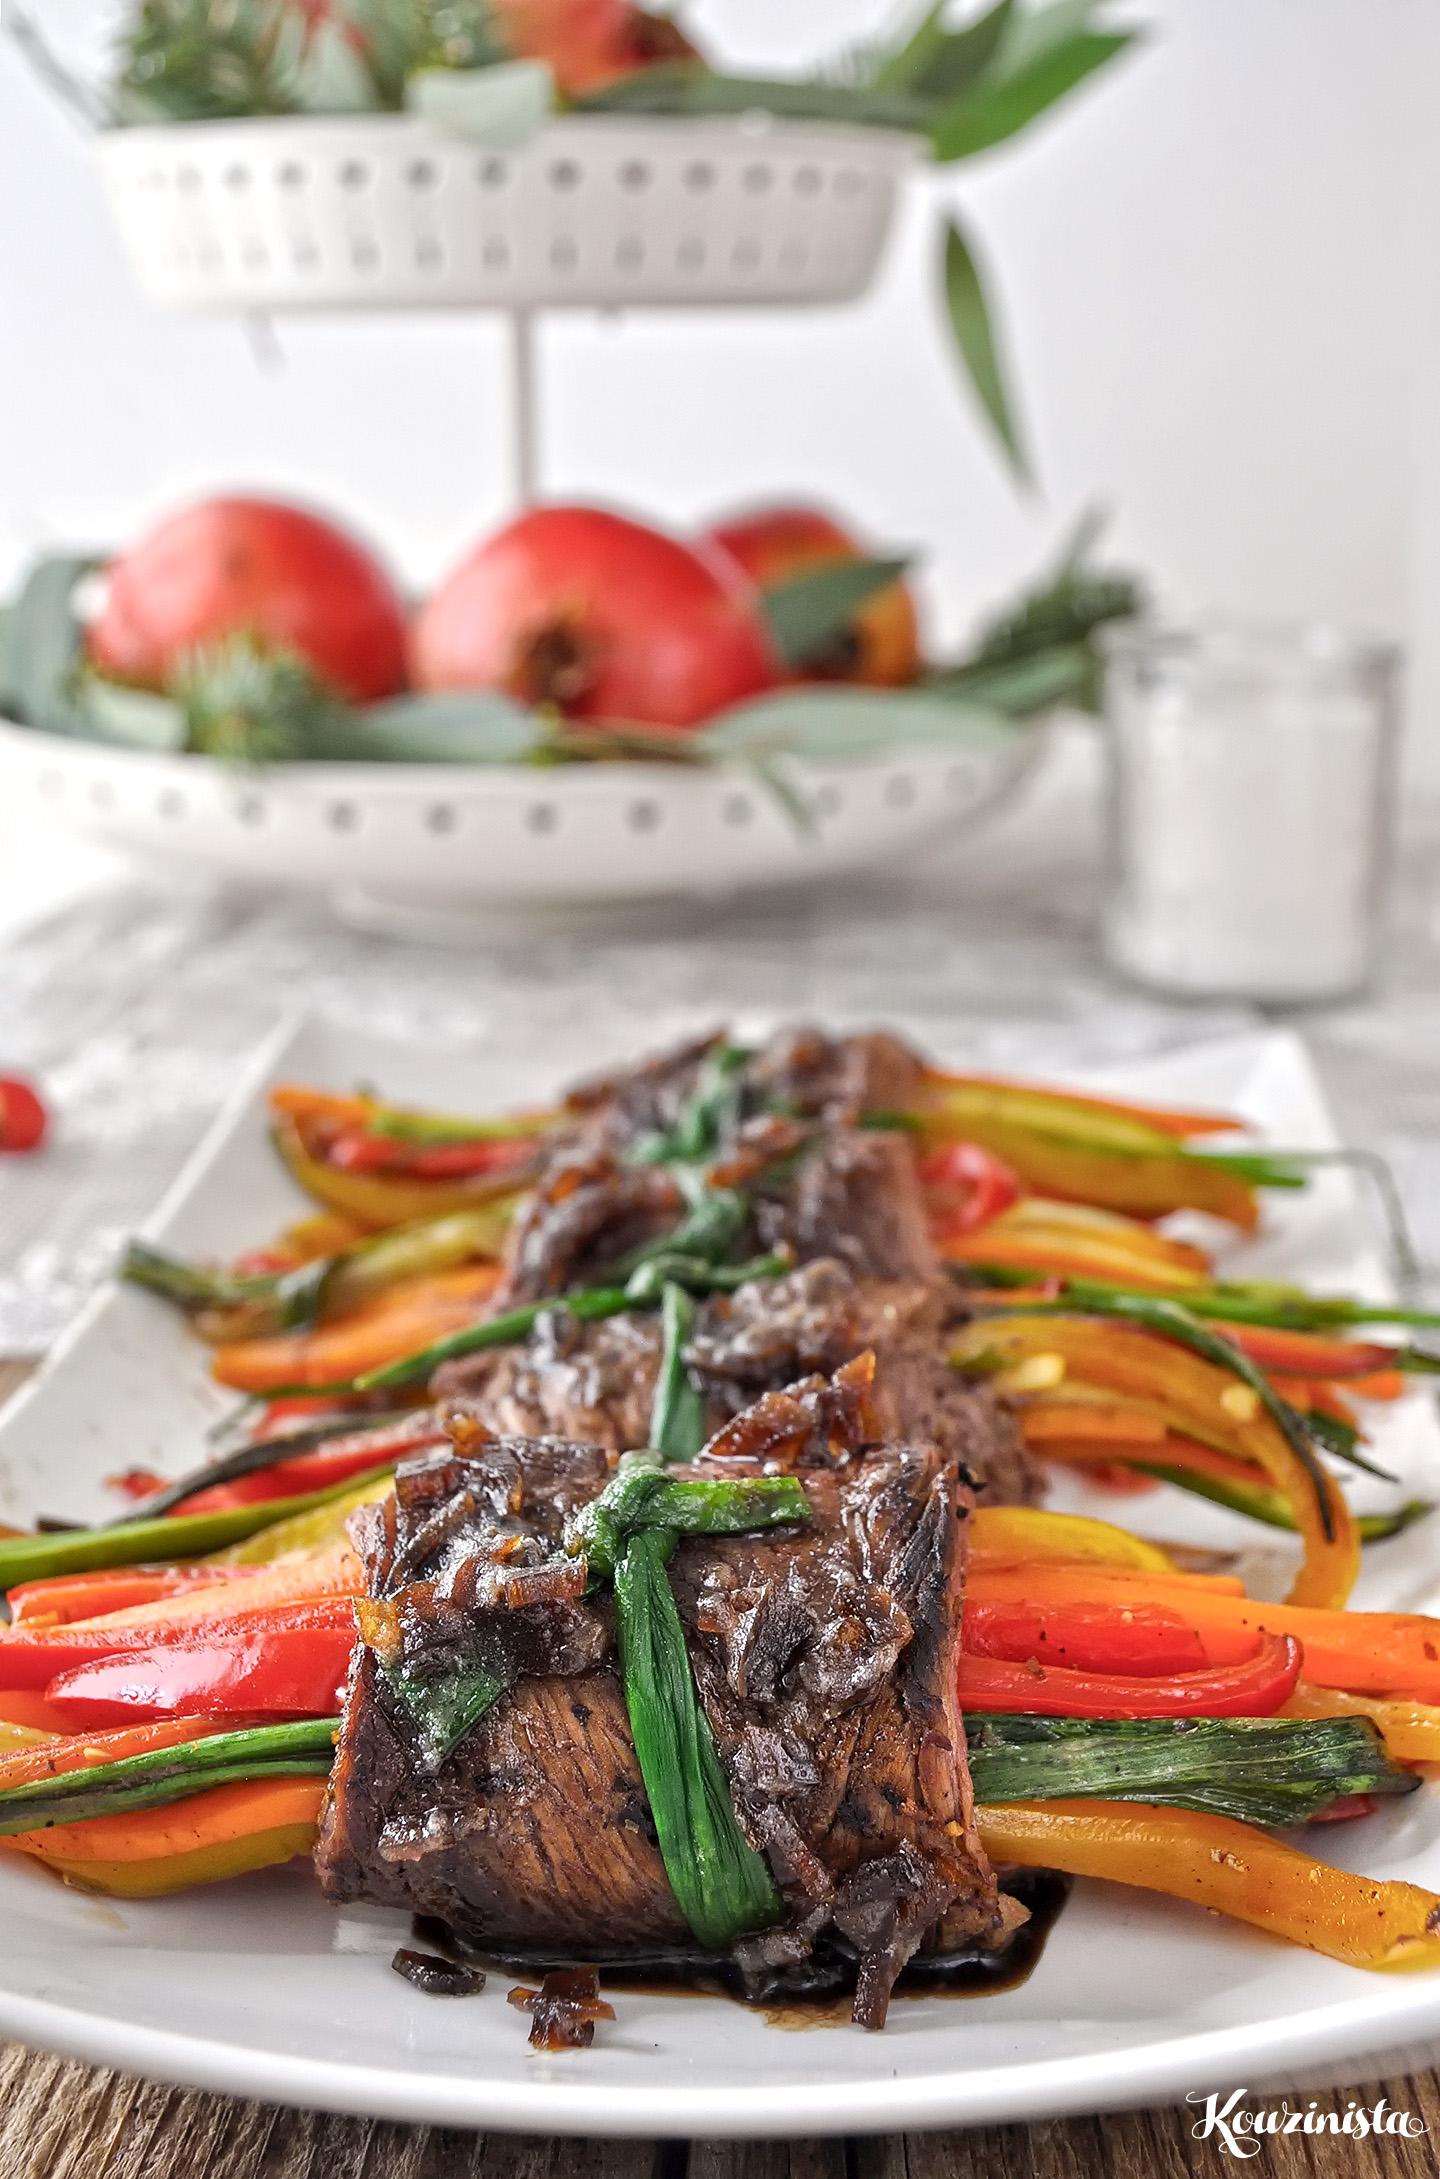 Μοσχαρίσια ρολάκια με λαχανικά & γλάσο βαλσάμικου / Balsamic glazed steak rolls